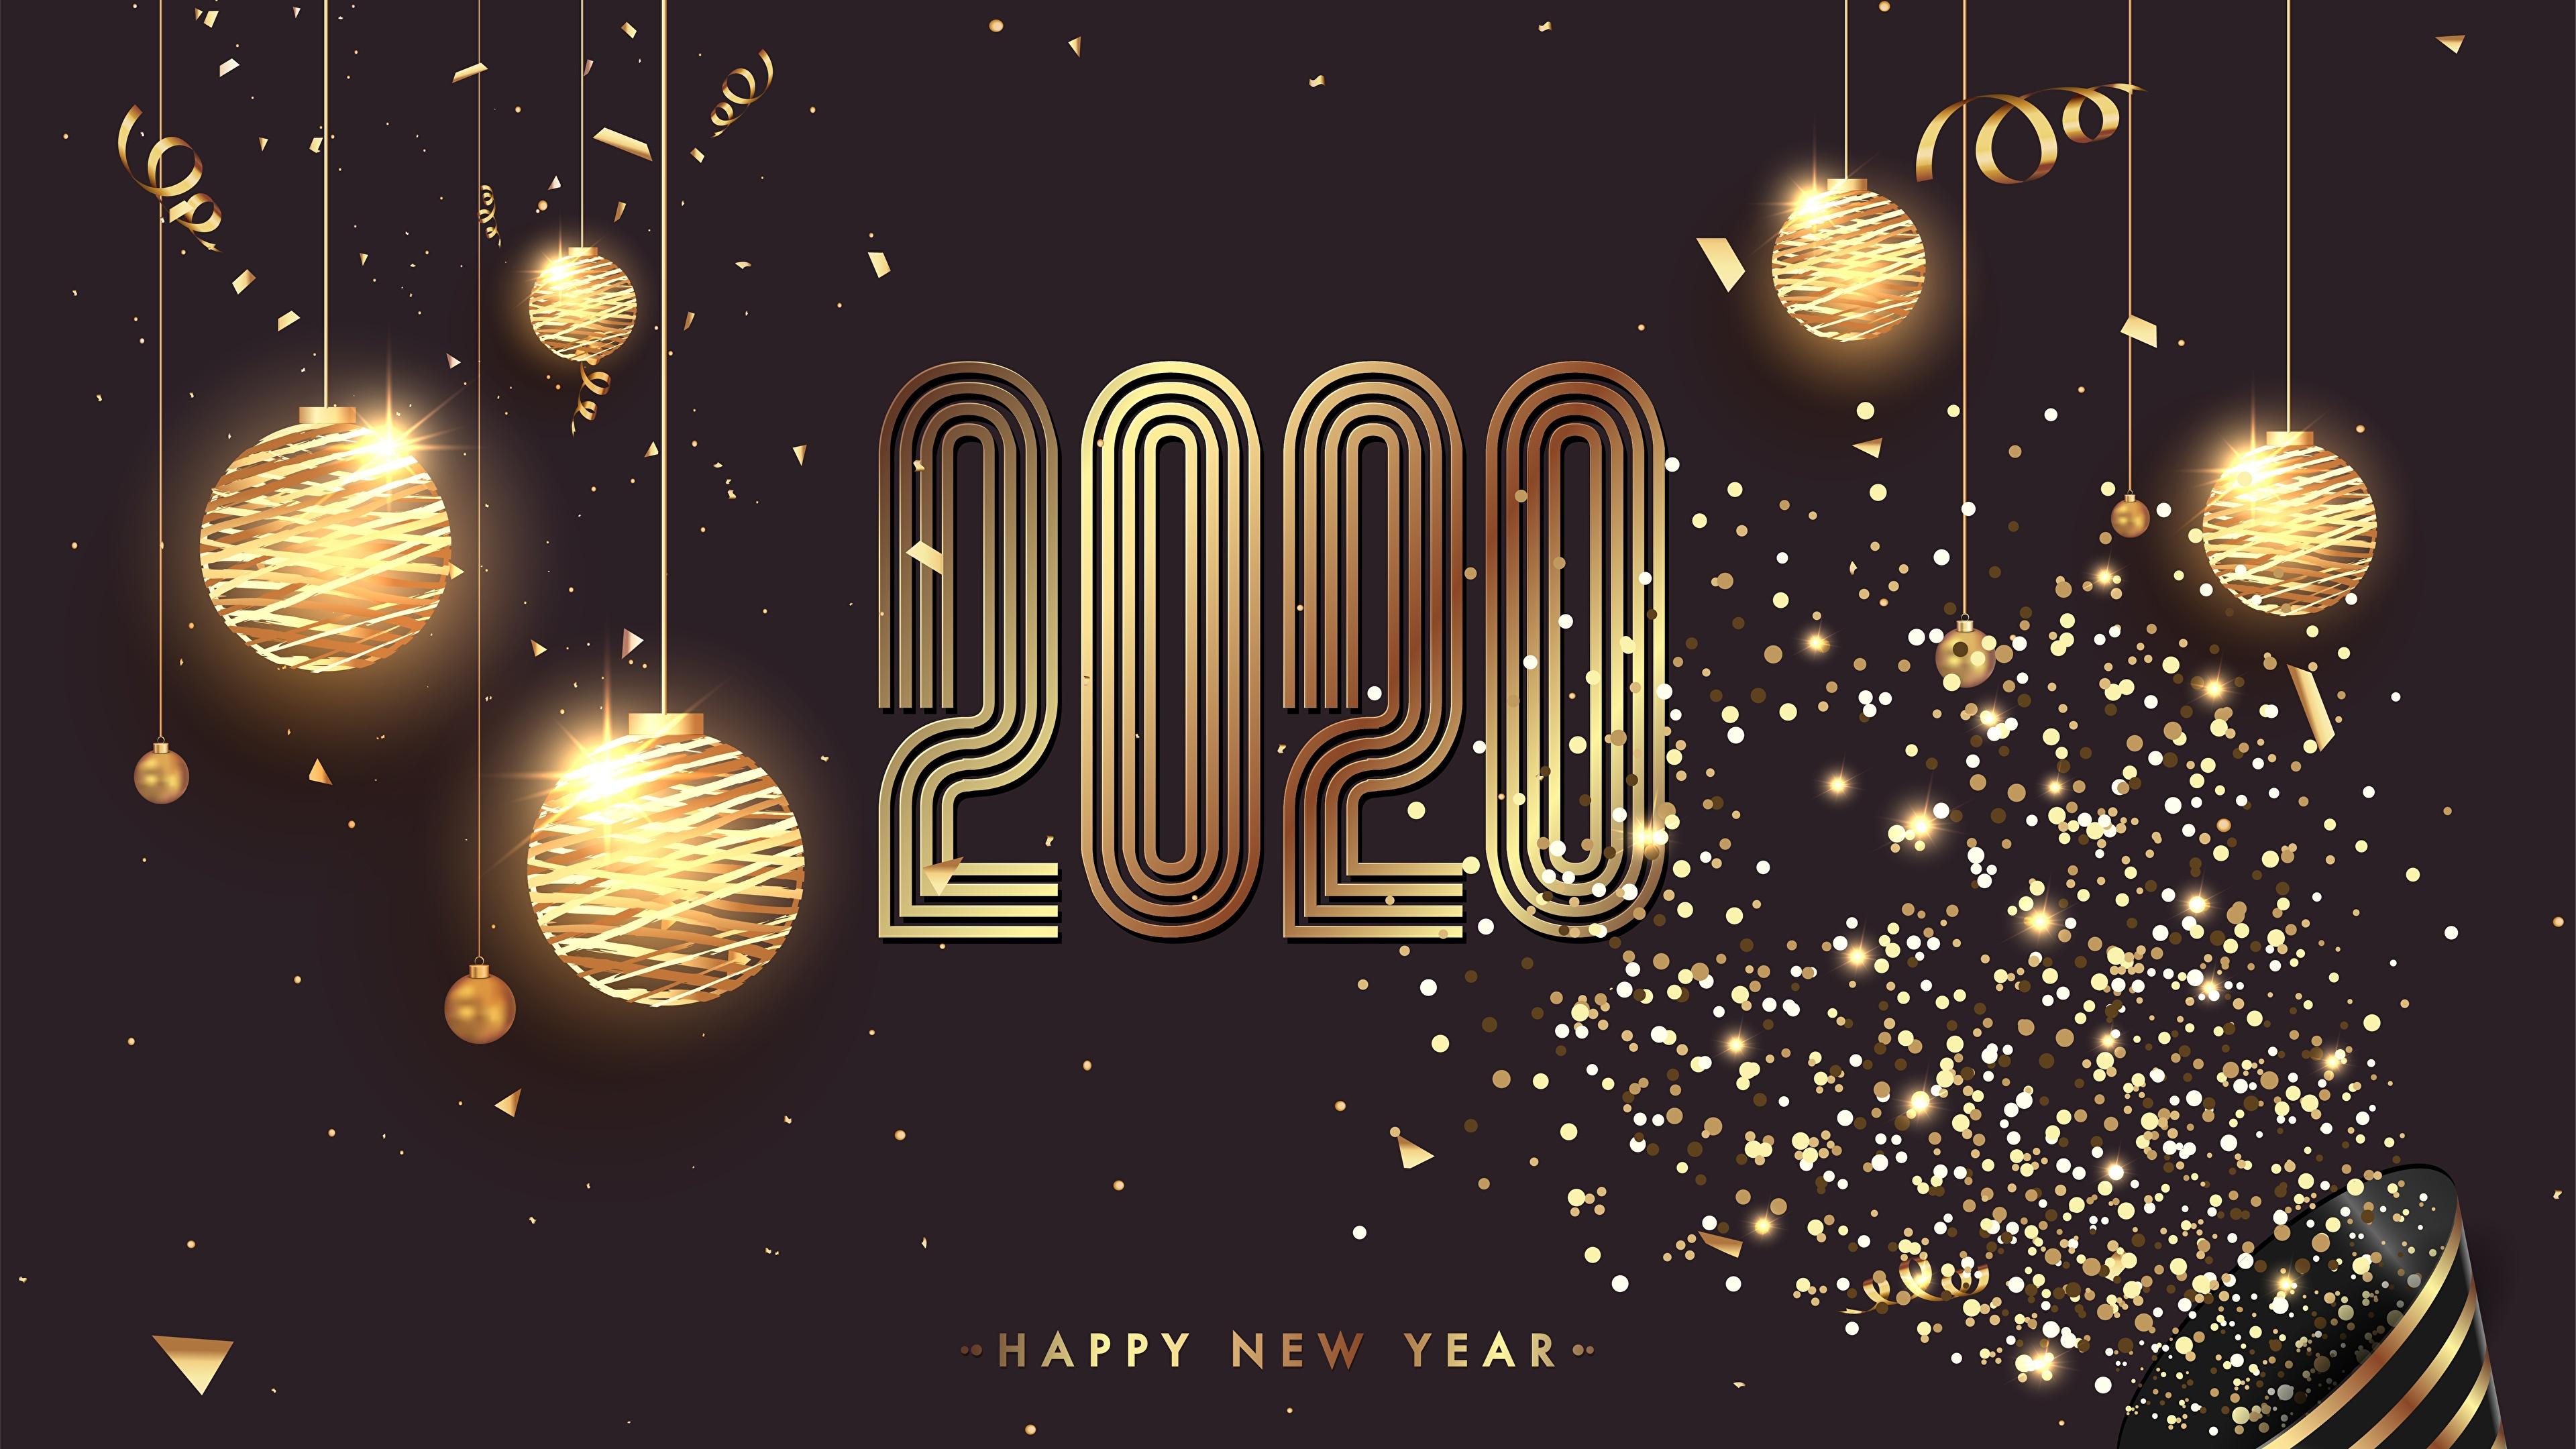 Скачать картинки новый год 2020 на рабочий стол